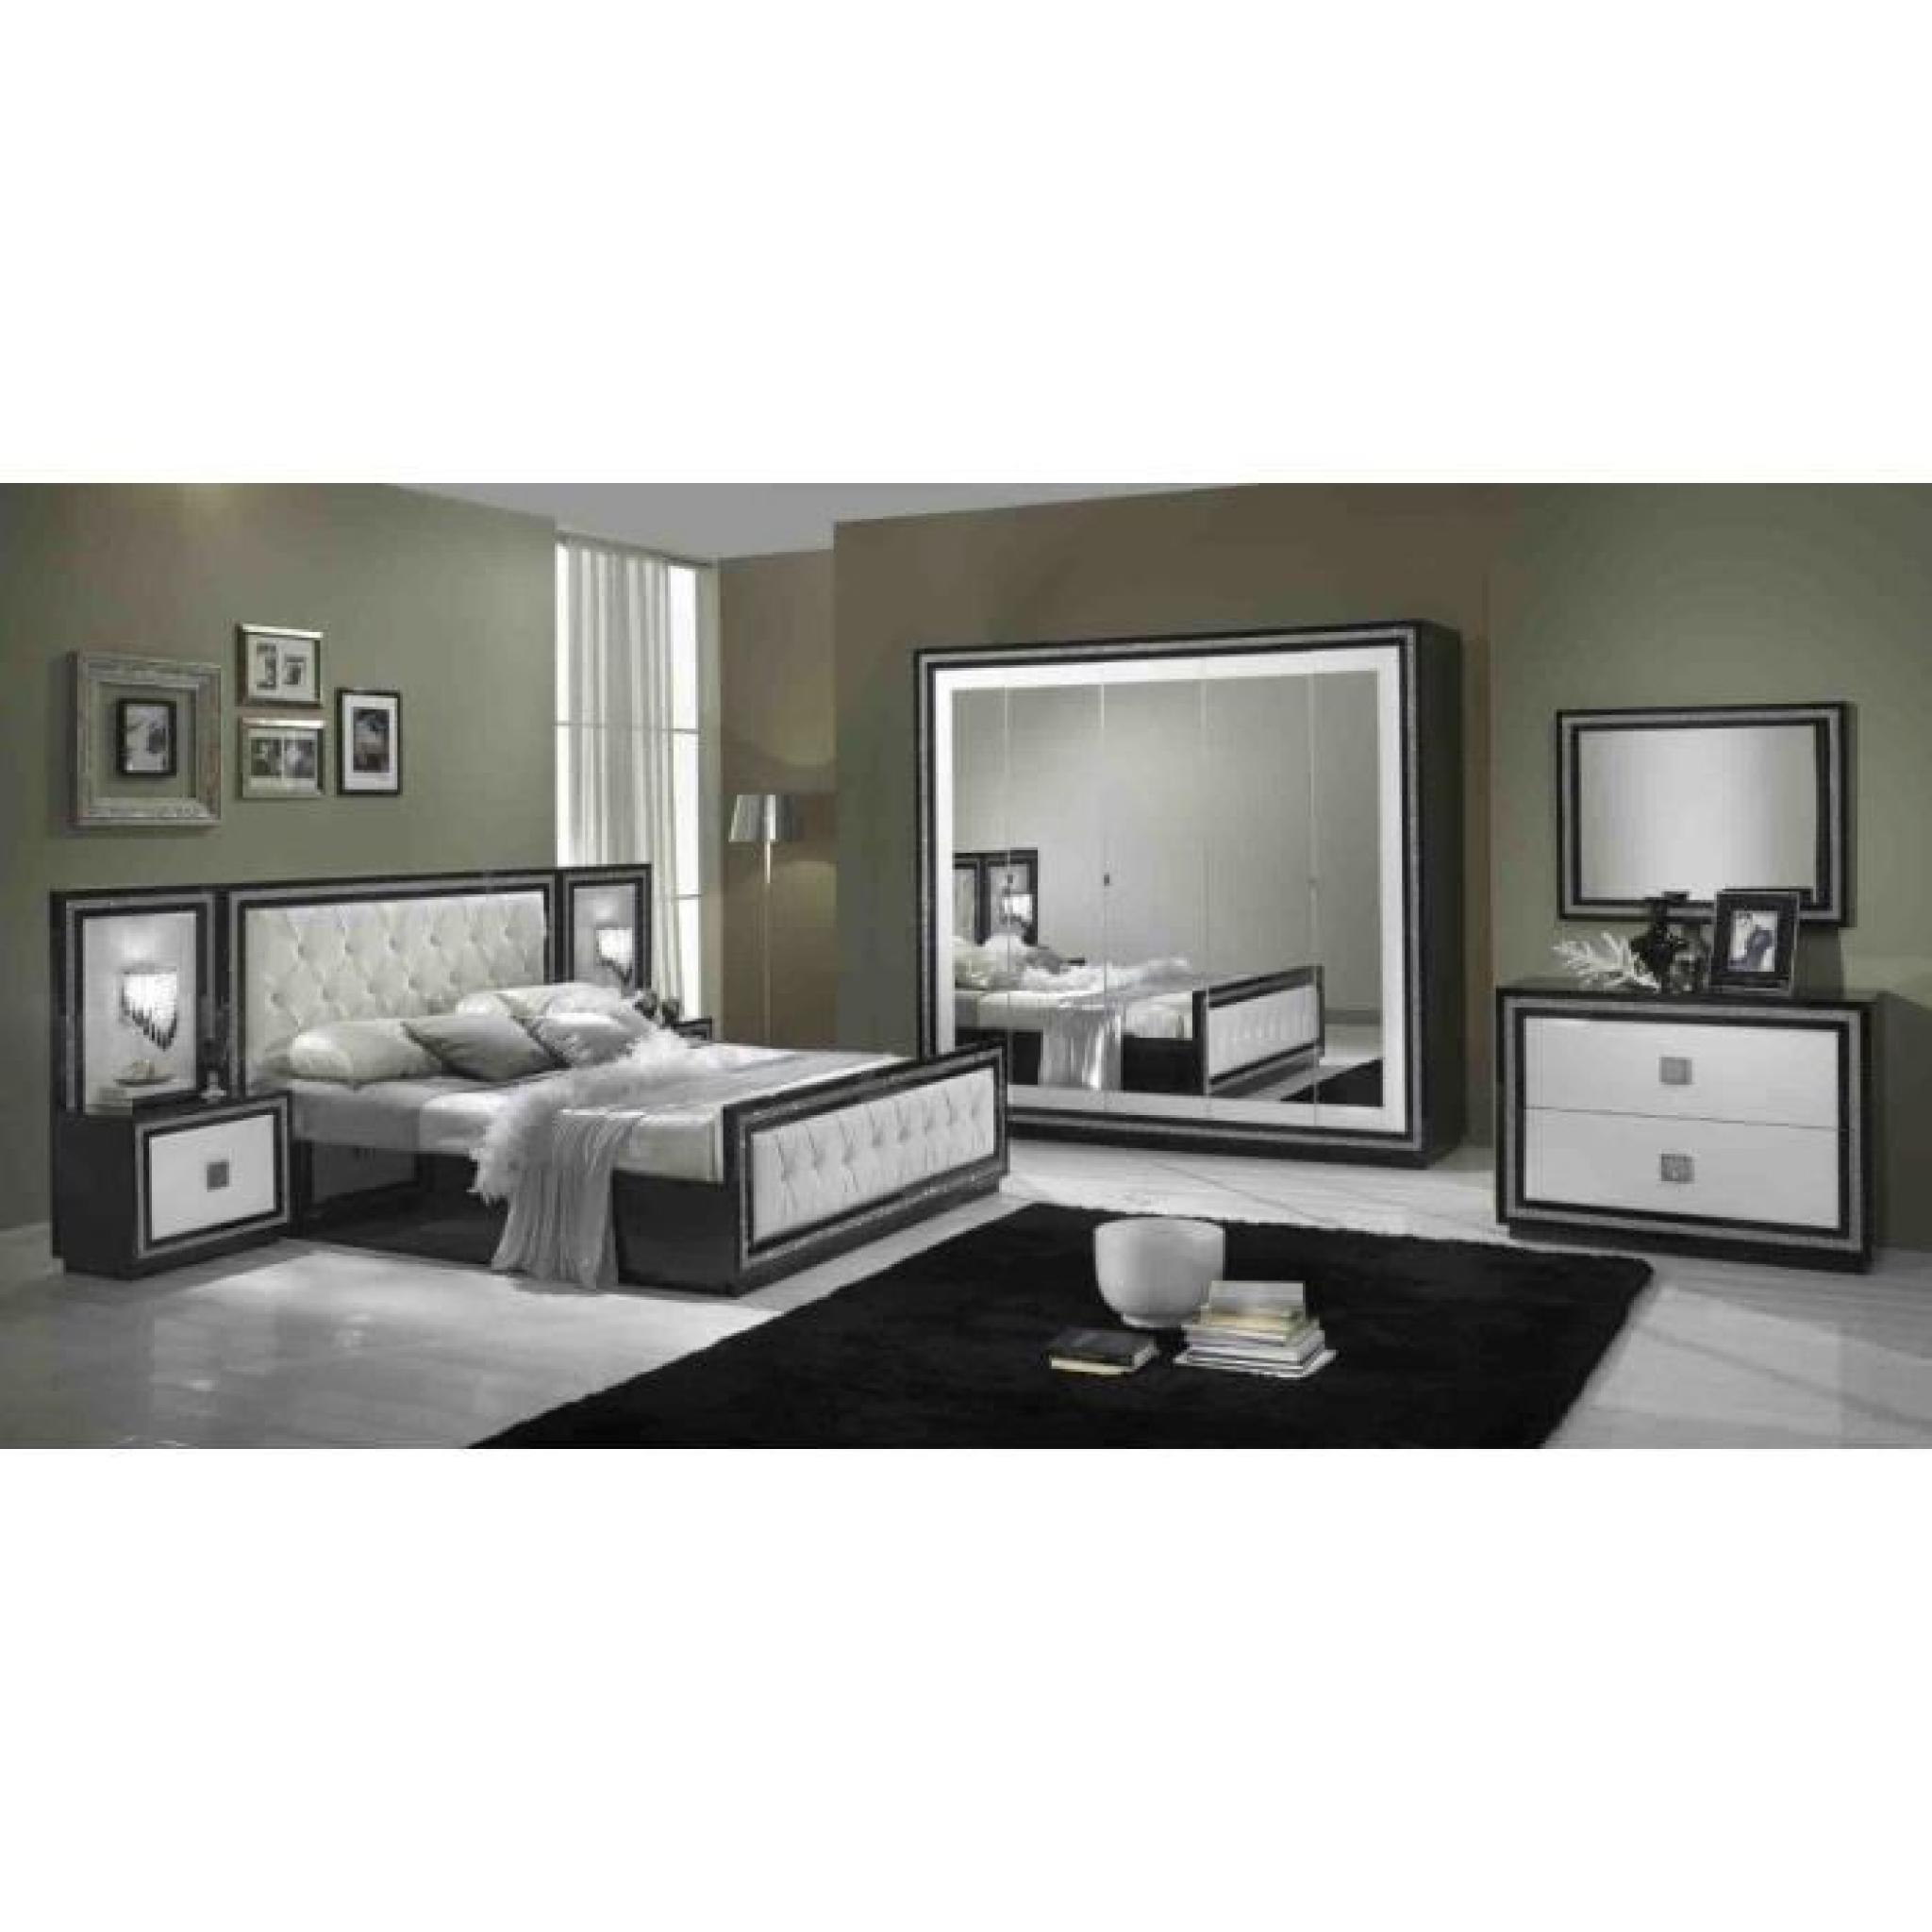 Kristel noire et blanche laquee ensemble chambre a coucher for Chambre a coucher blanche complete